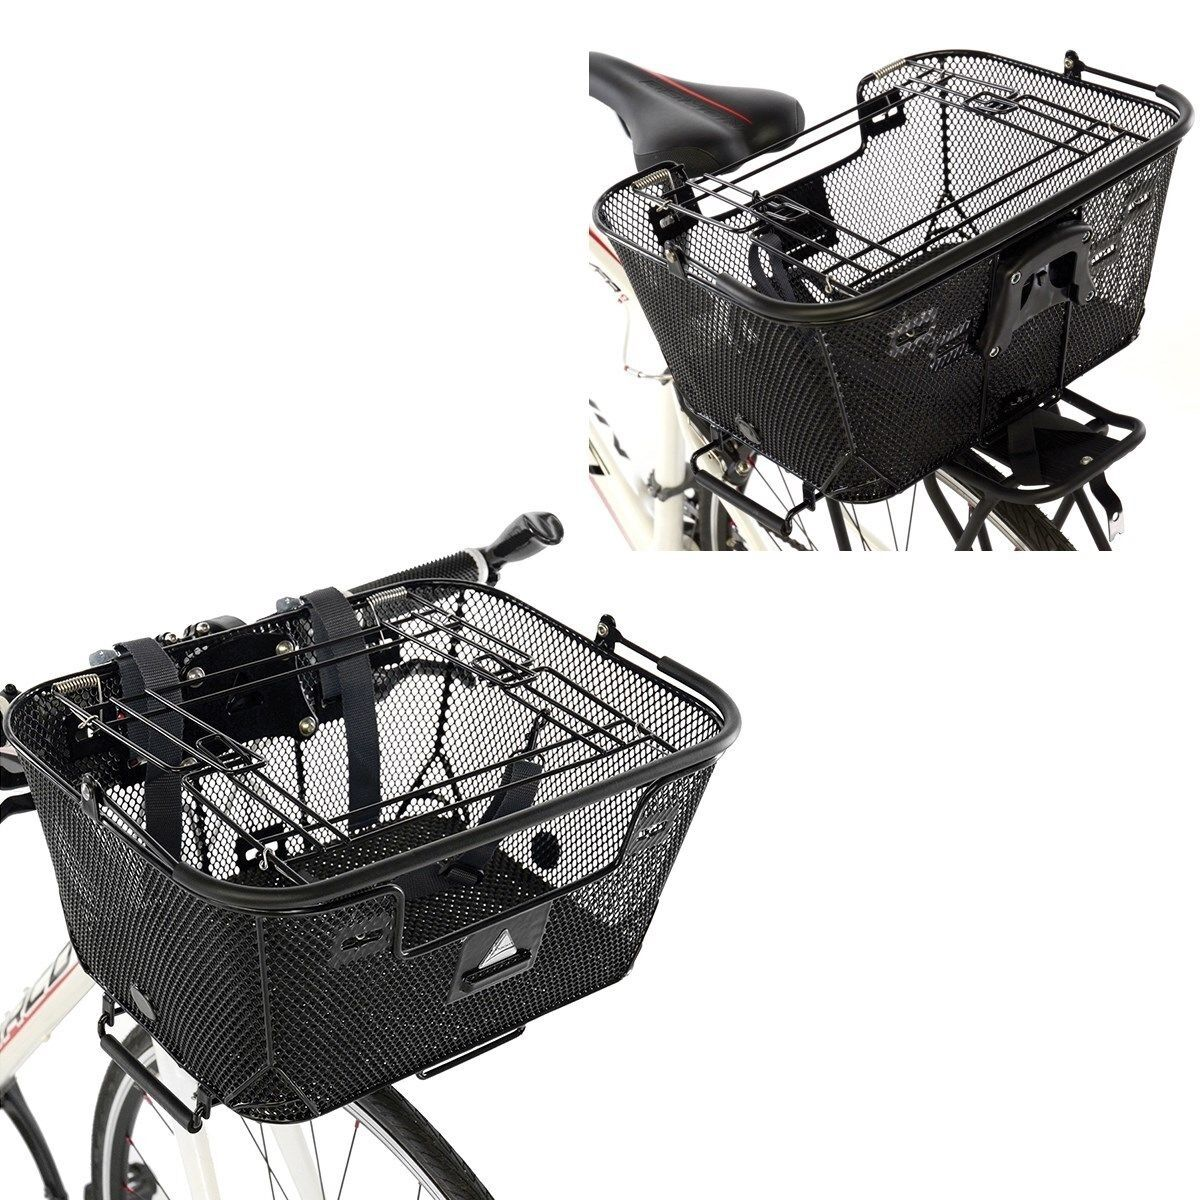 Axiom QR double fonction Premium Pet panier - 16  X 11.8  X 7.1  - Noir-Arrière-Vélo-Neuf